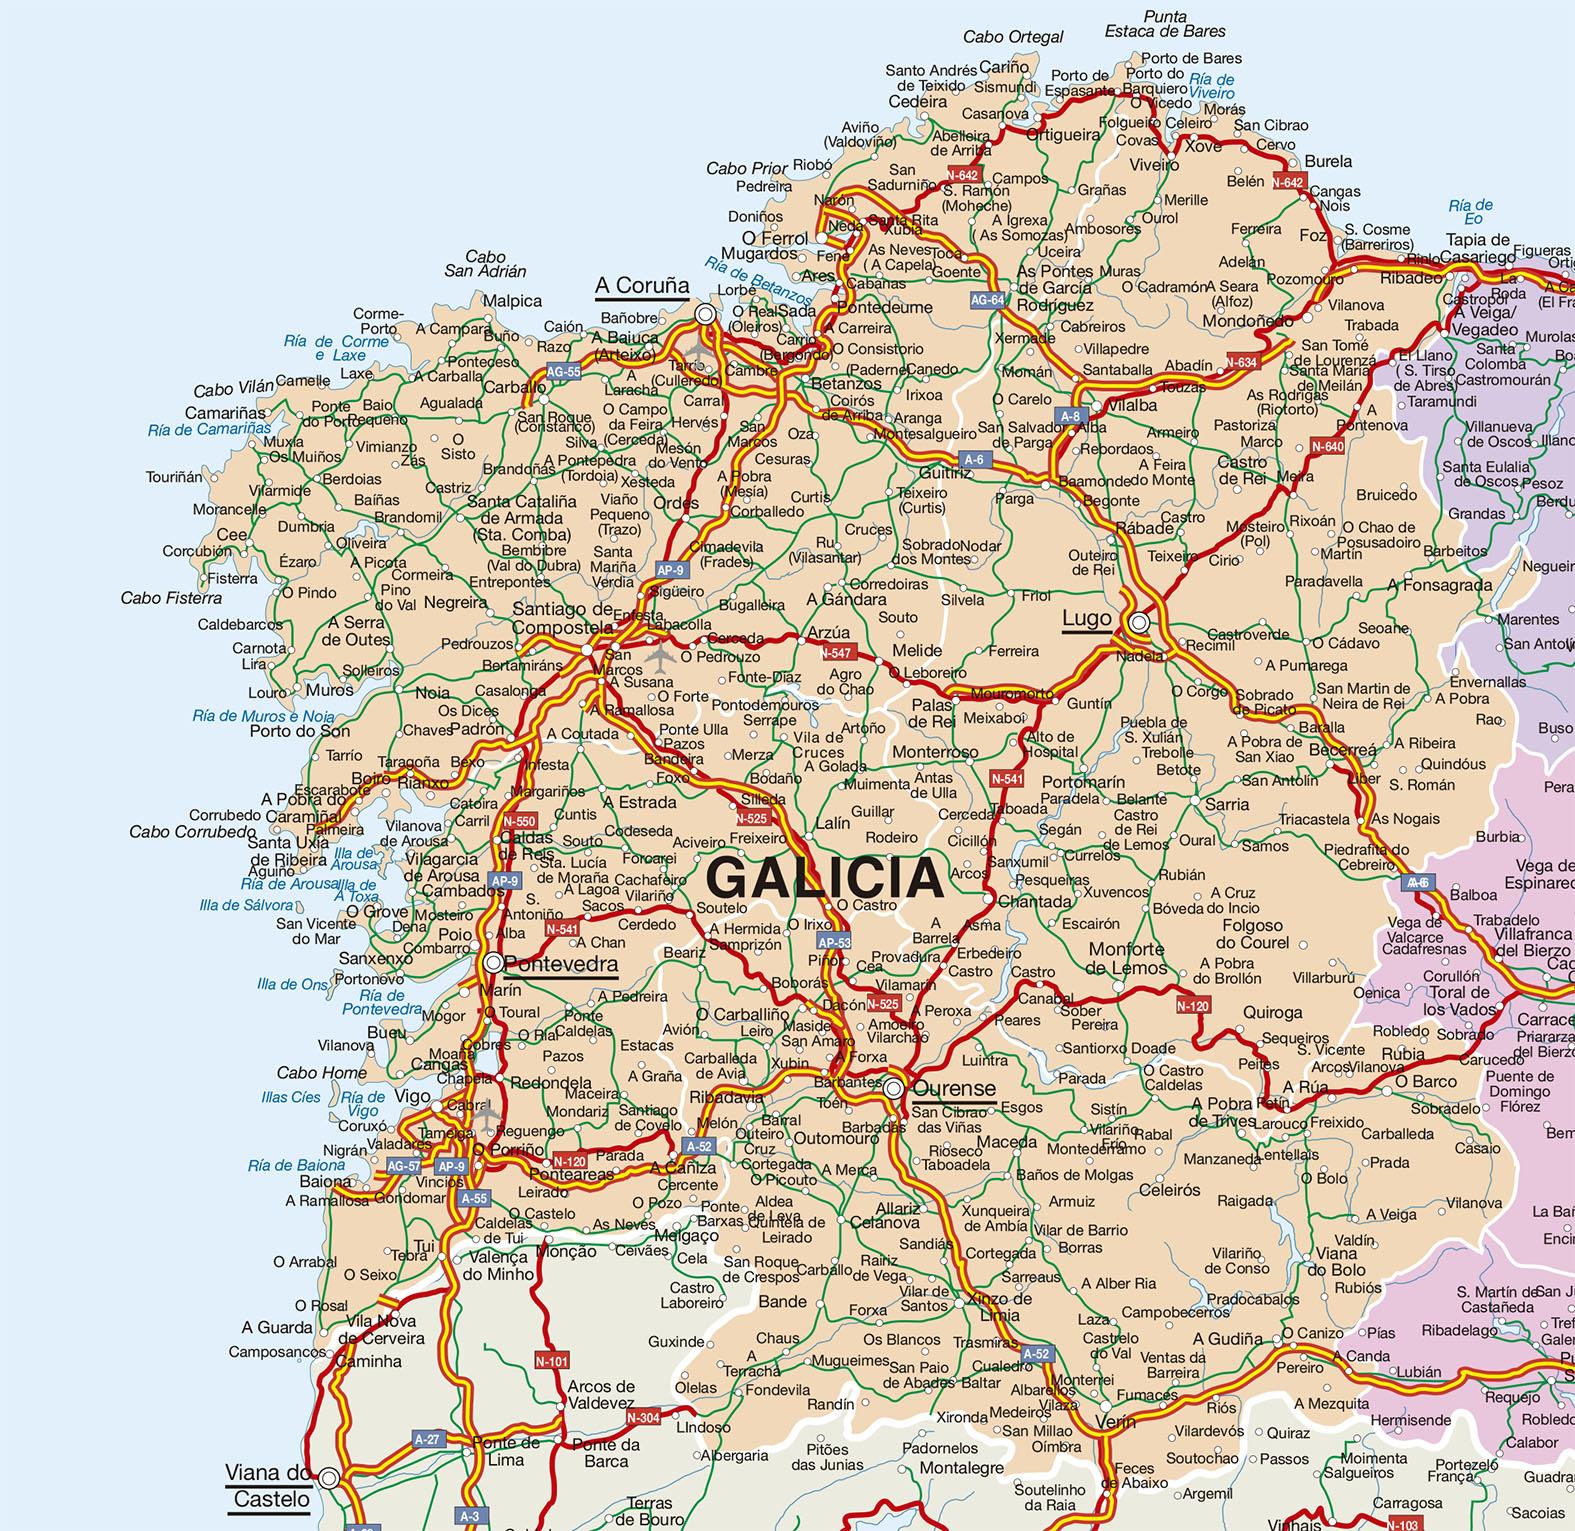 Mapa Vectorial A Coruna Provincia Bc Maps Mapa Vectorial Eps